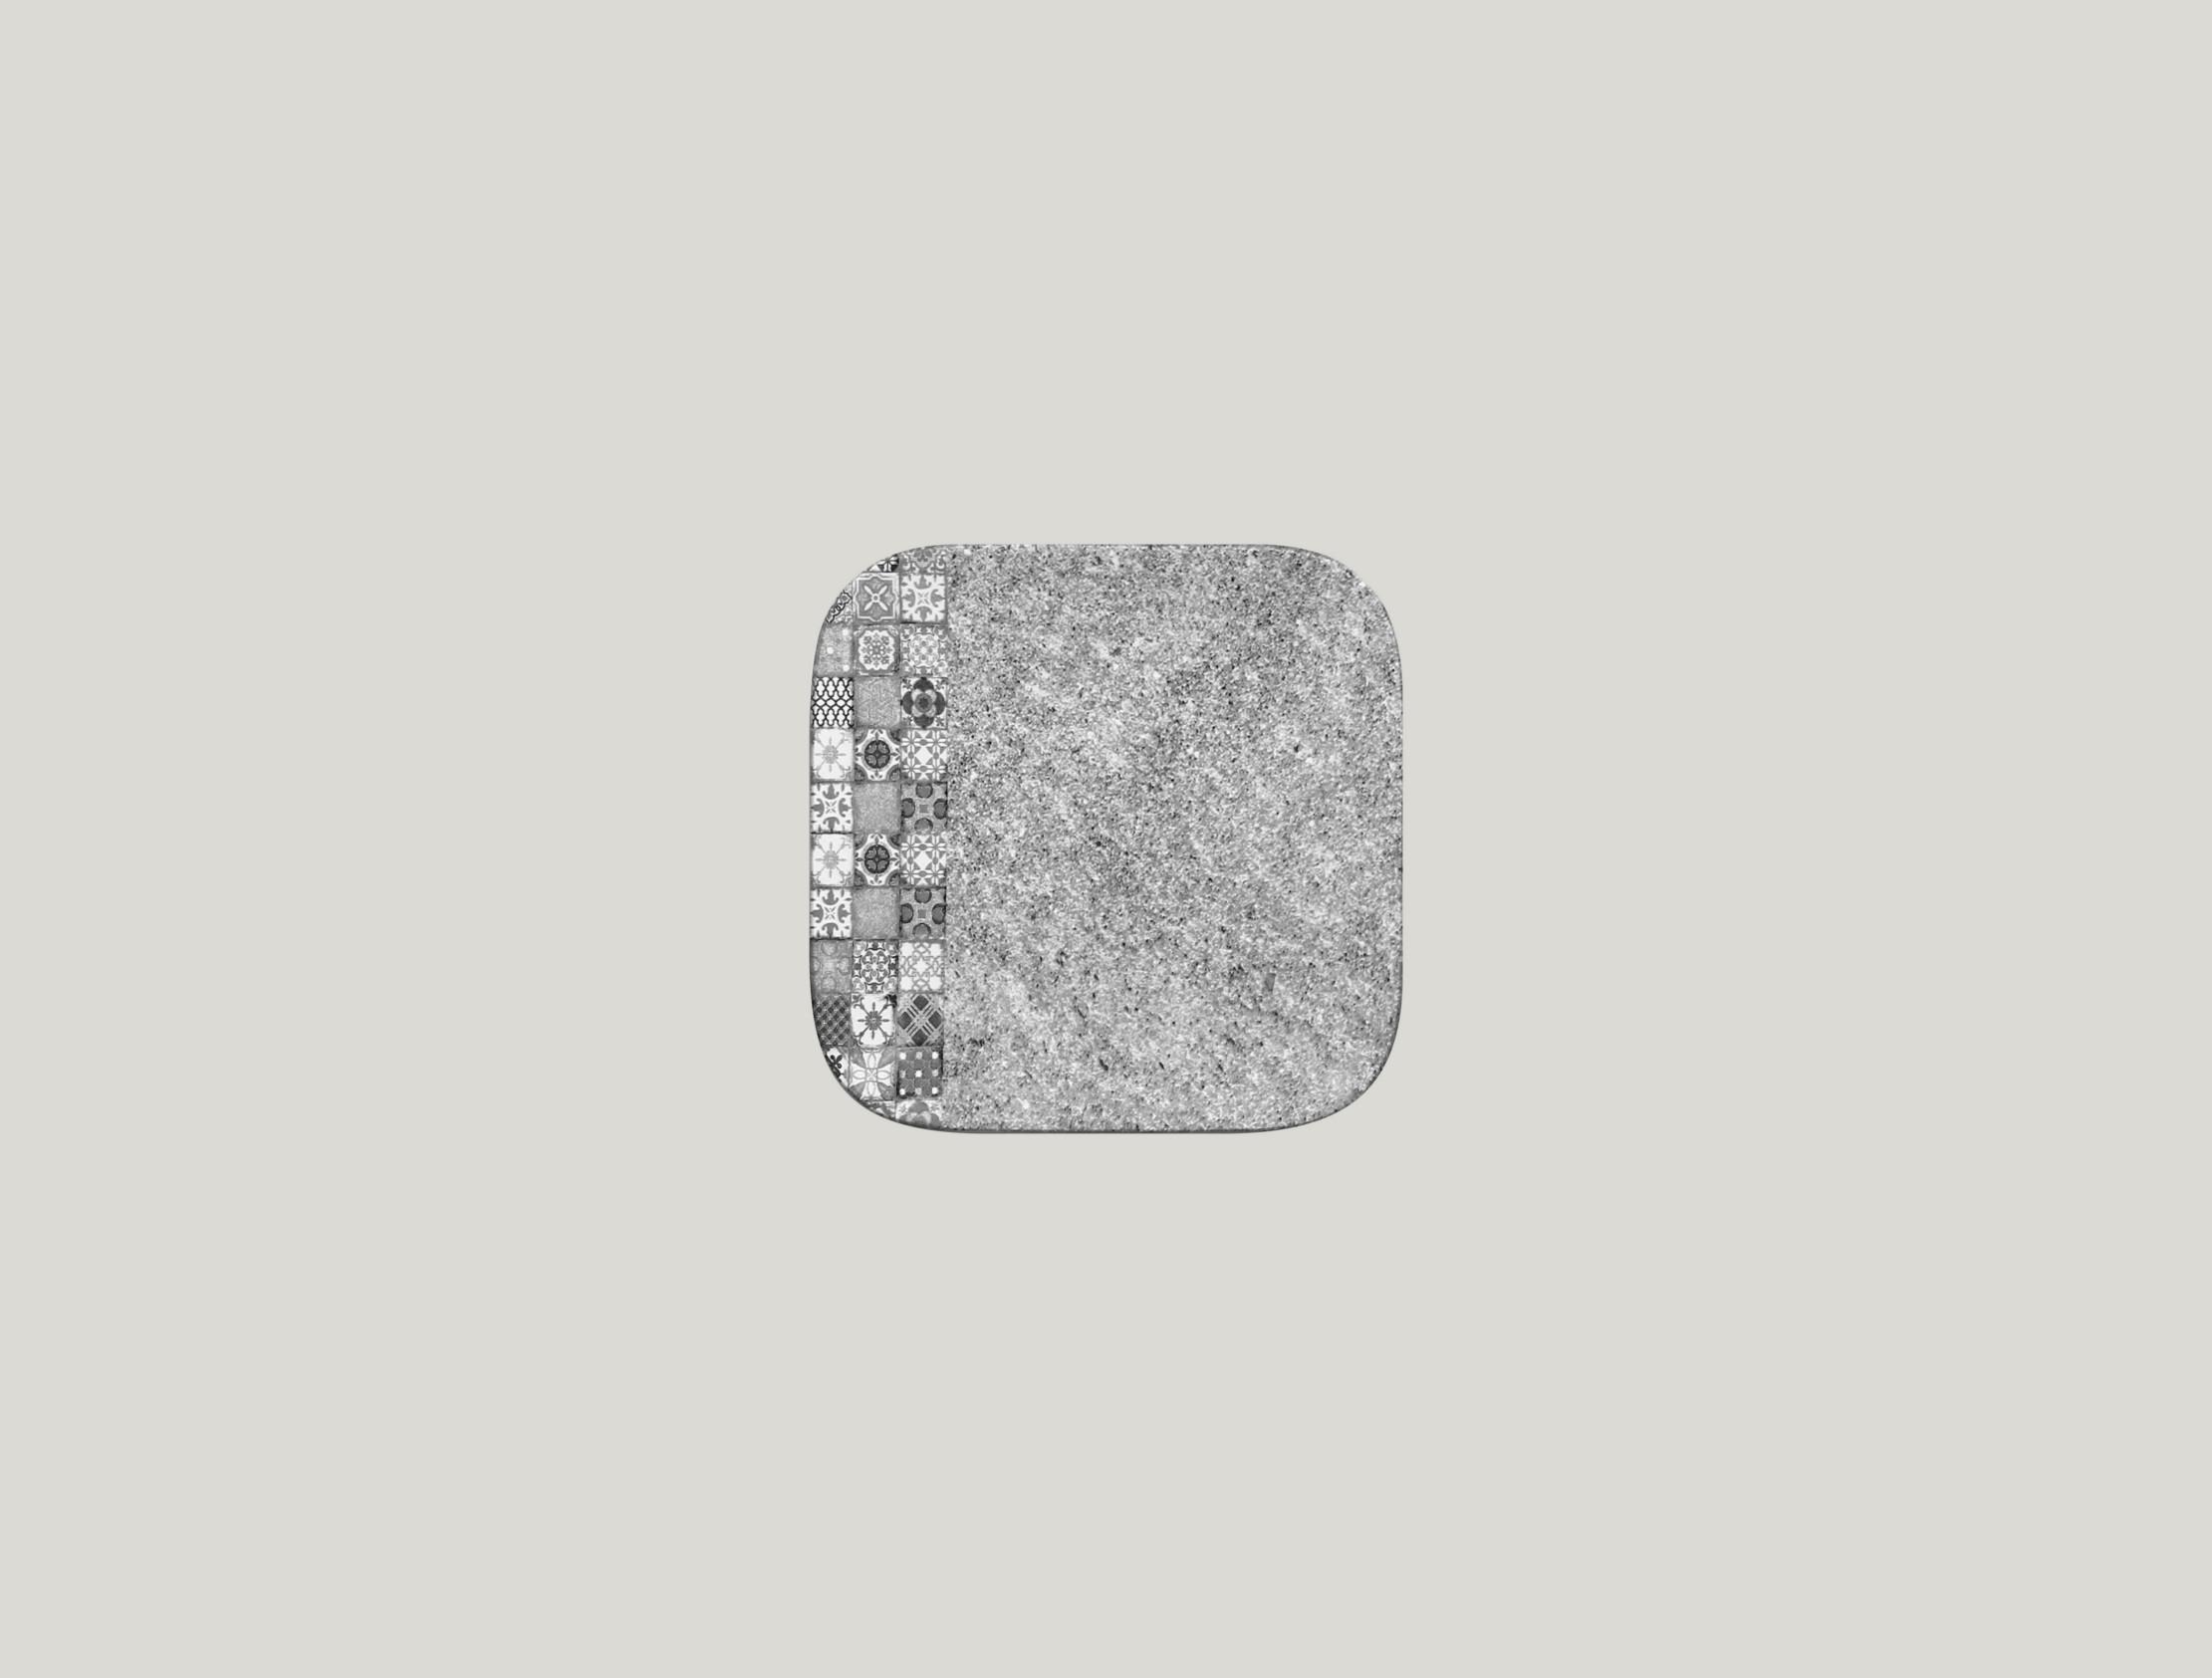 Talíř čtvercový 15 x 15 cm - šedá